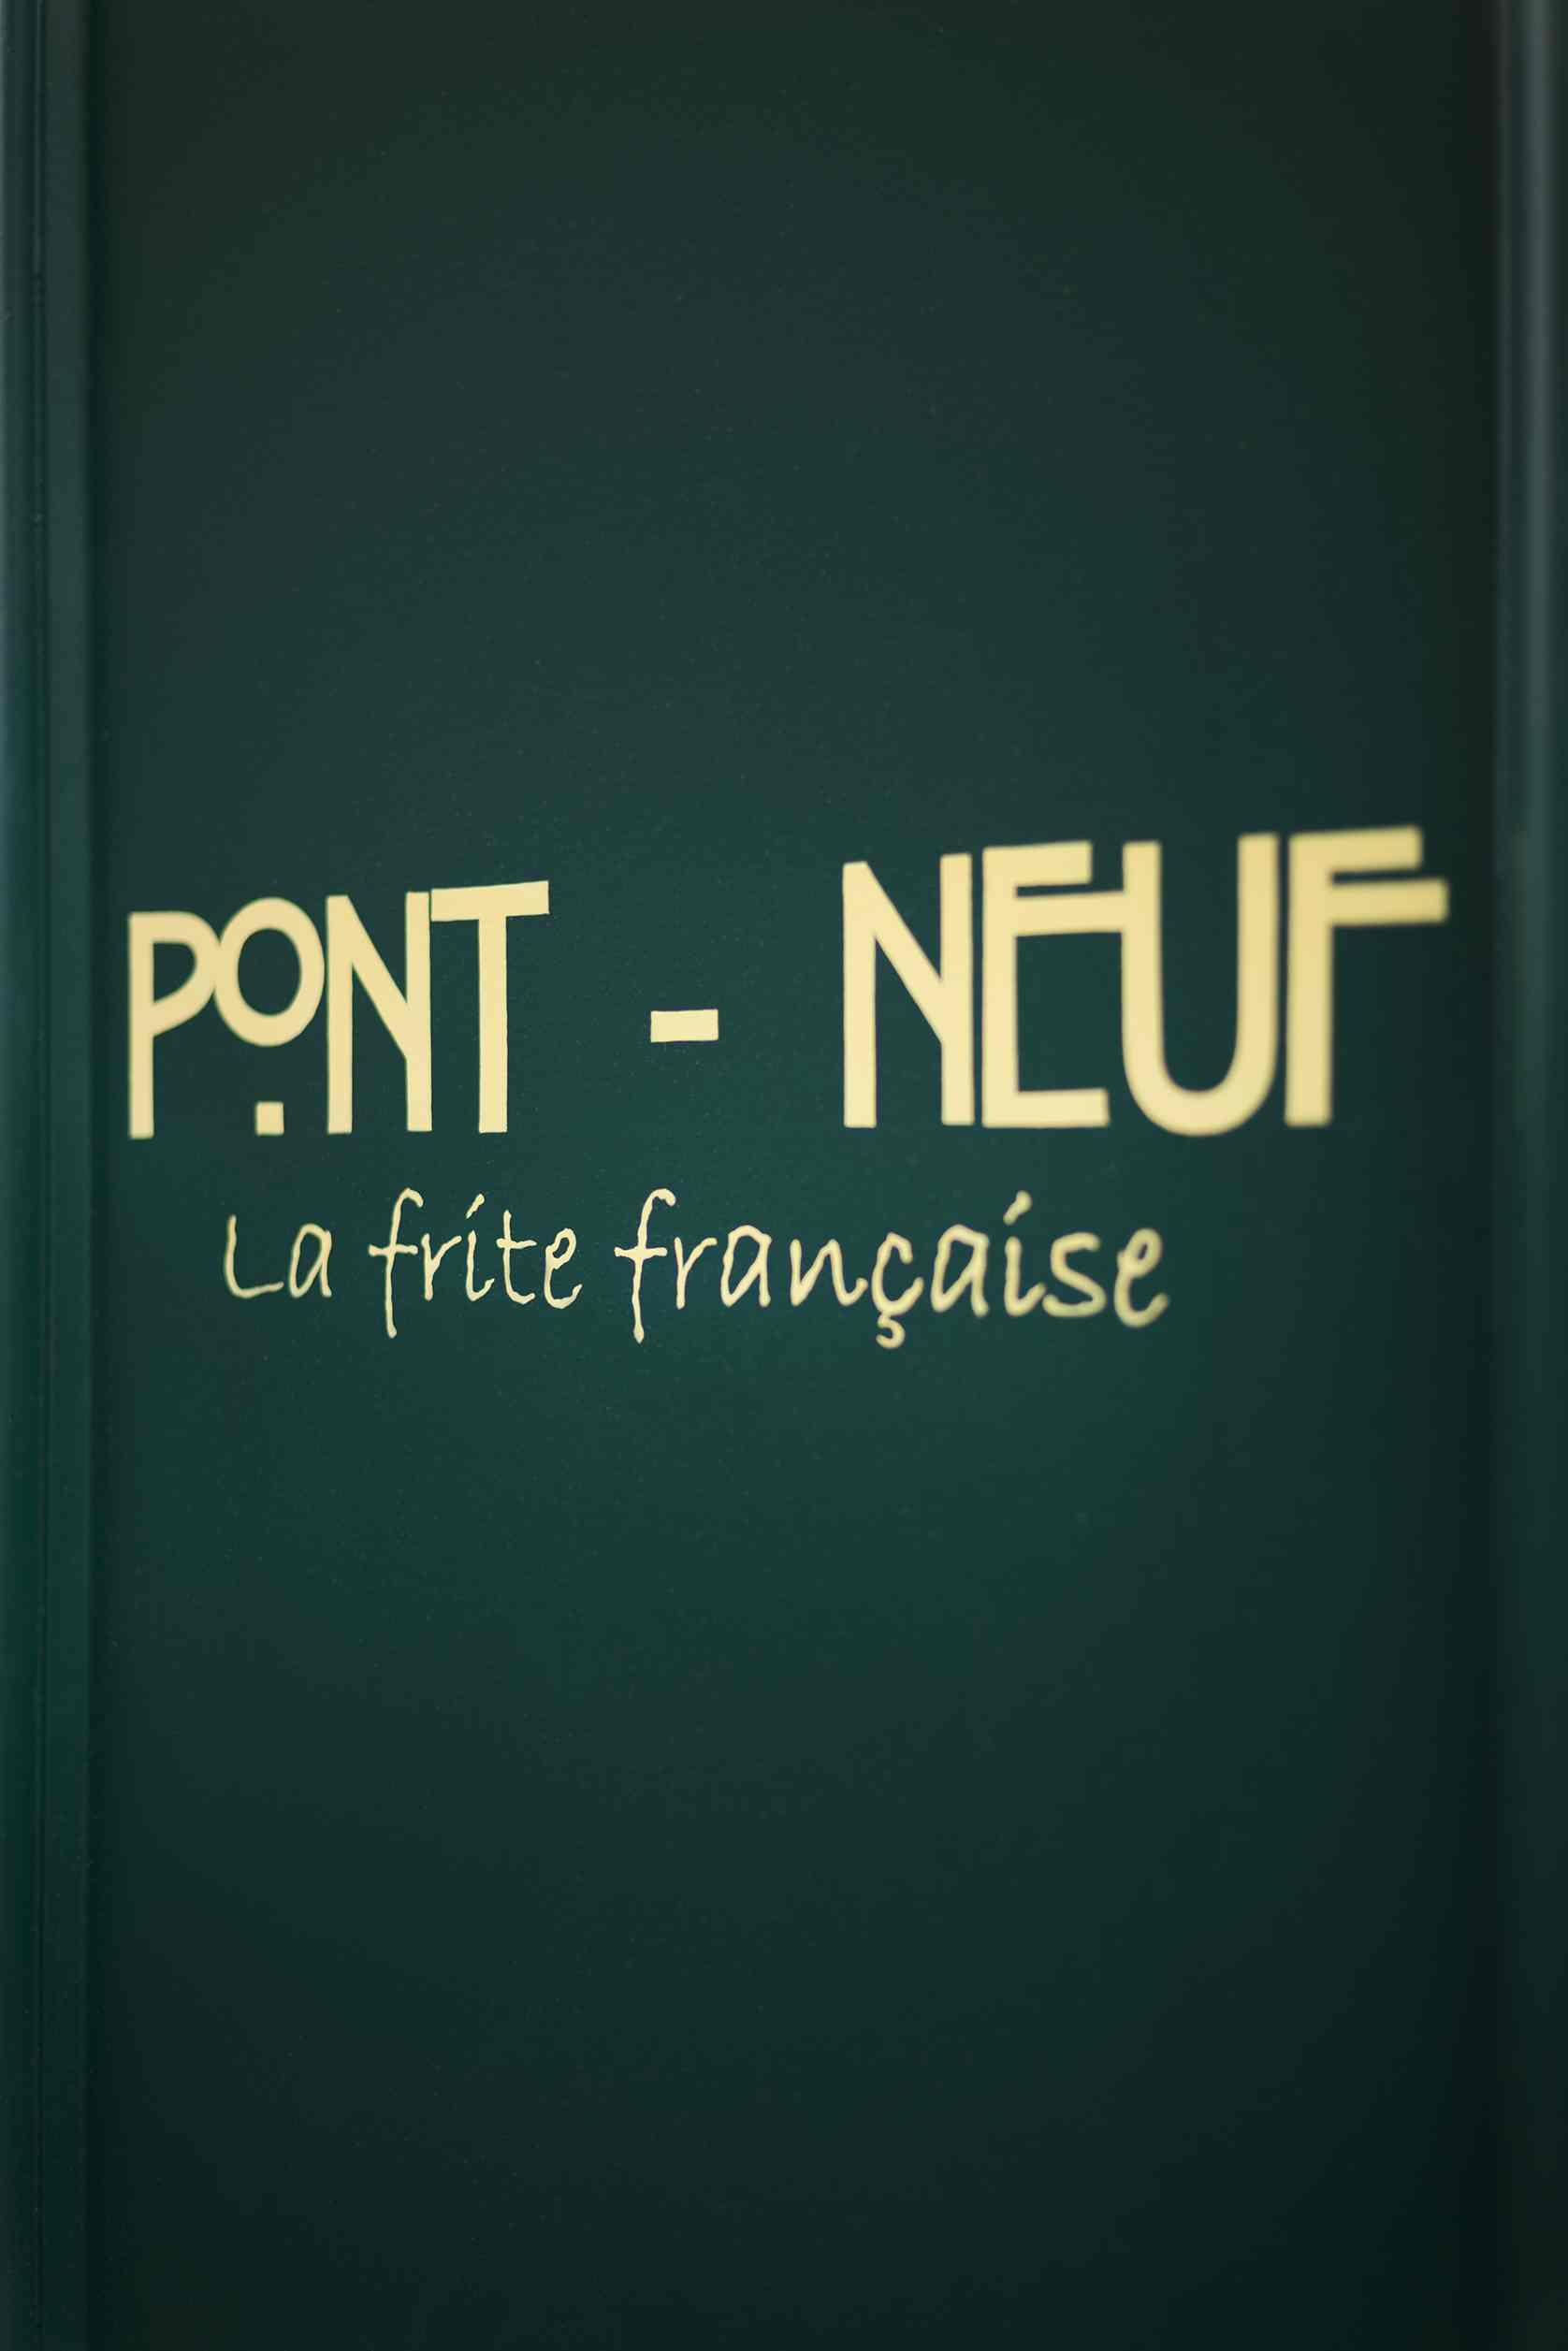 Pont-Neuf, la friterie haut de gamme aux prix accessibles, à Paris